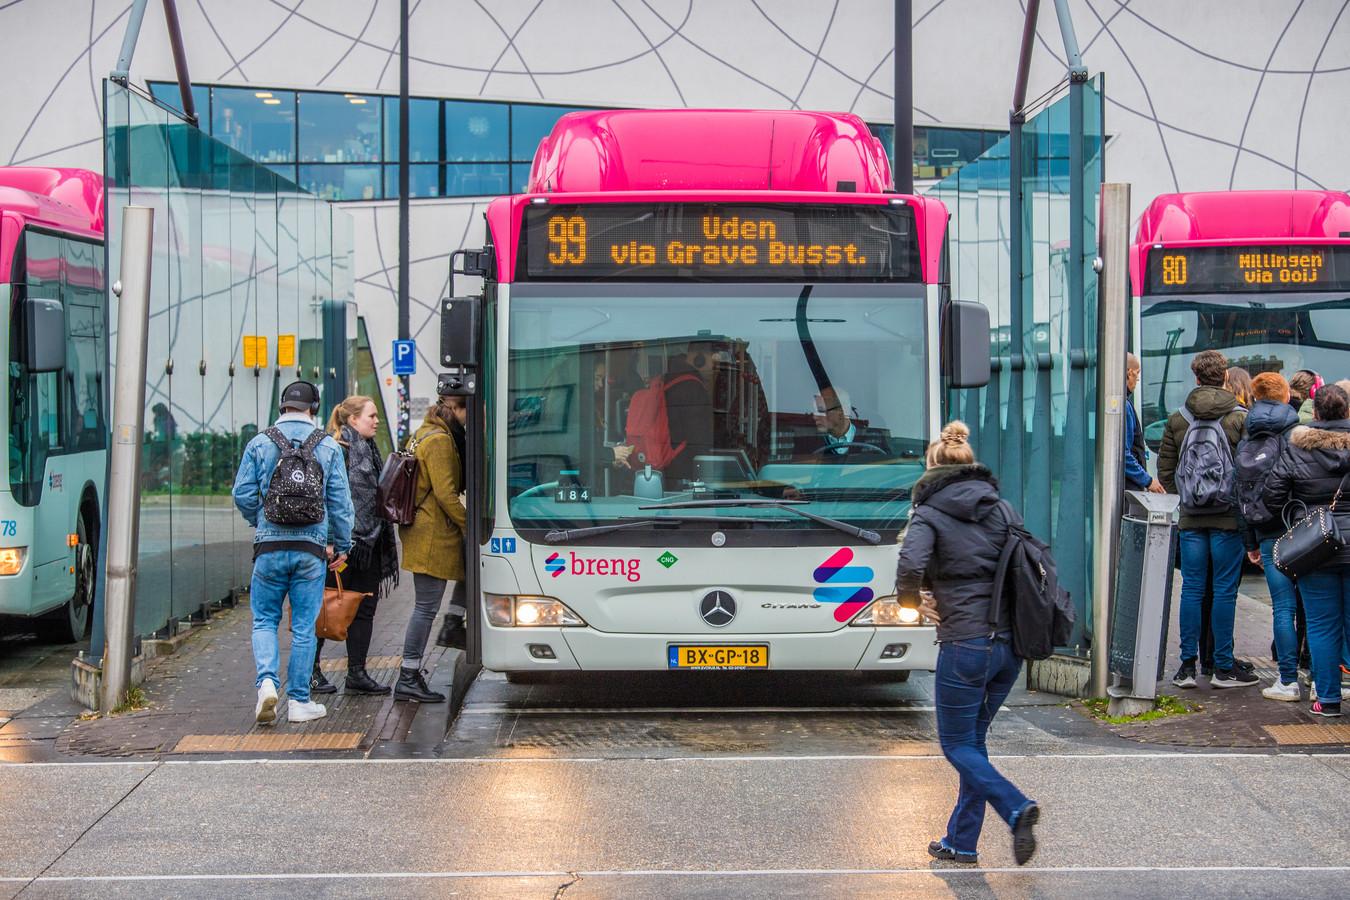 Buslijn 99 van Nijmegen naar Grave.